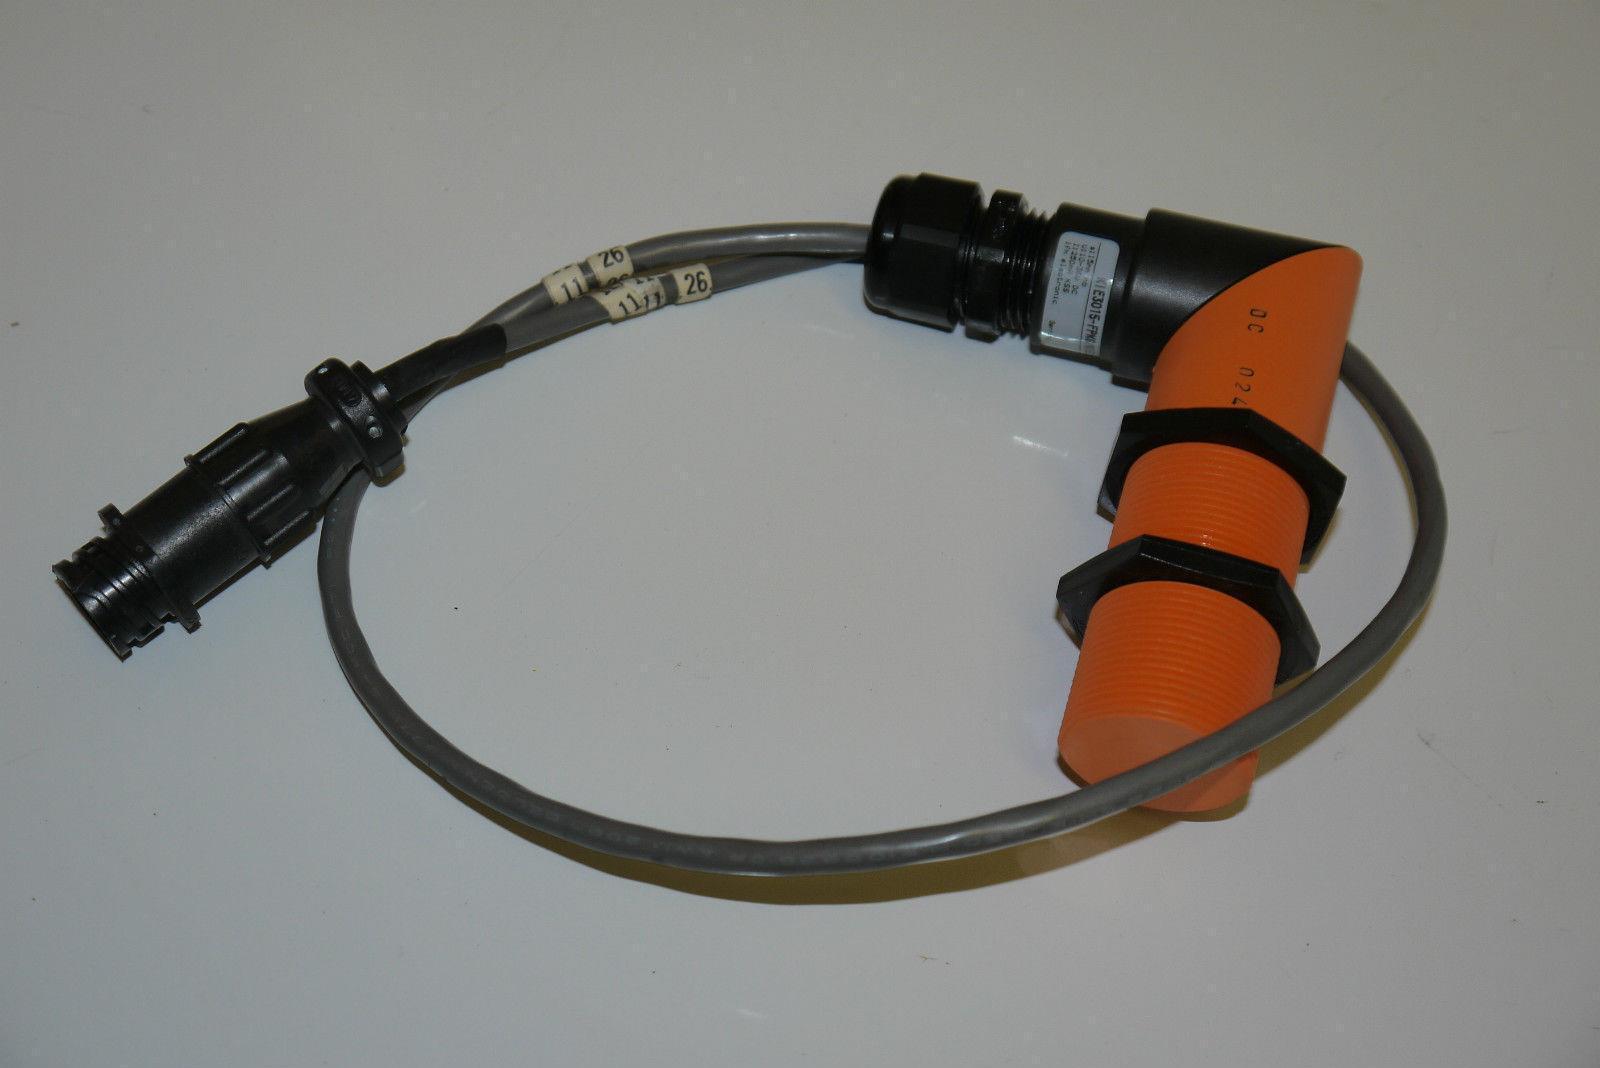 IFM ki5023 kie3015-FPKG Capacitive Sensor Proximity Switch S = 15 MM in Protection